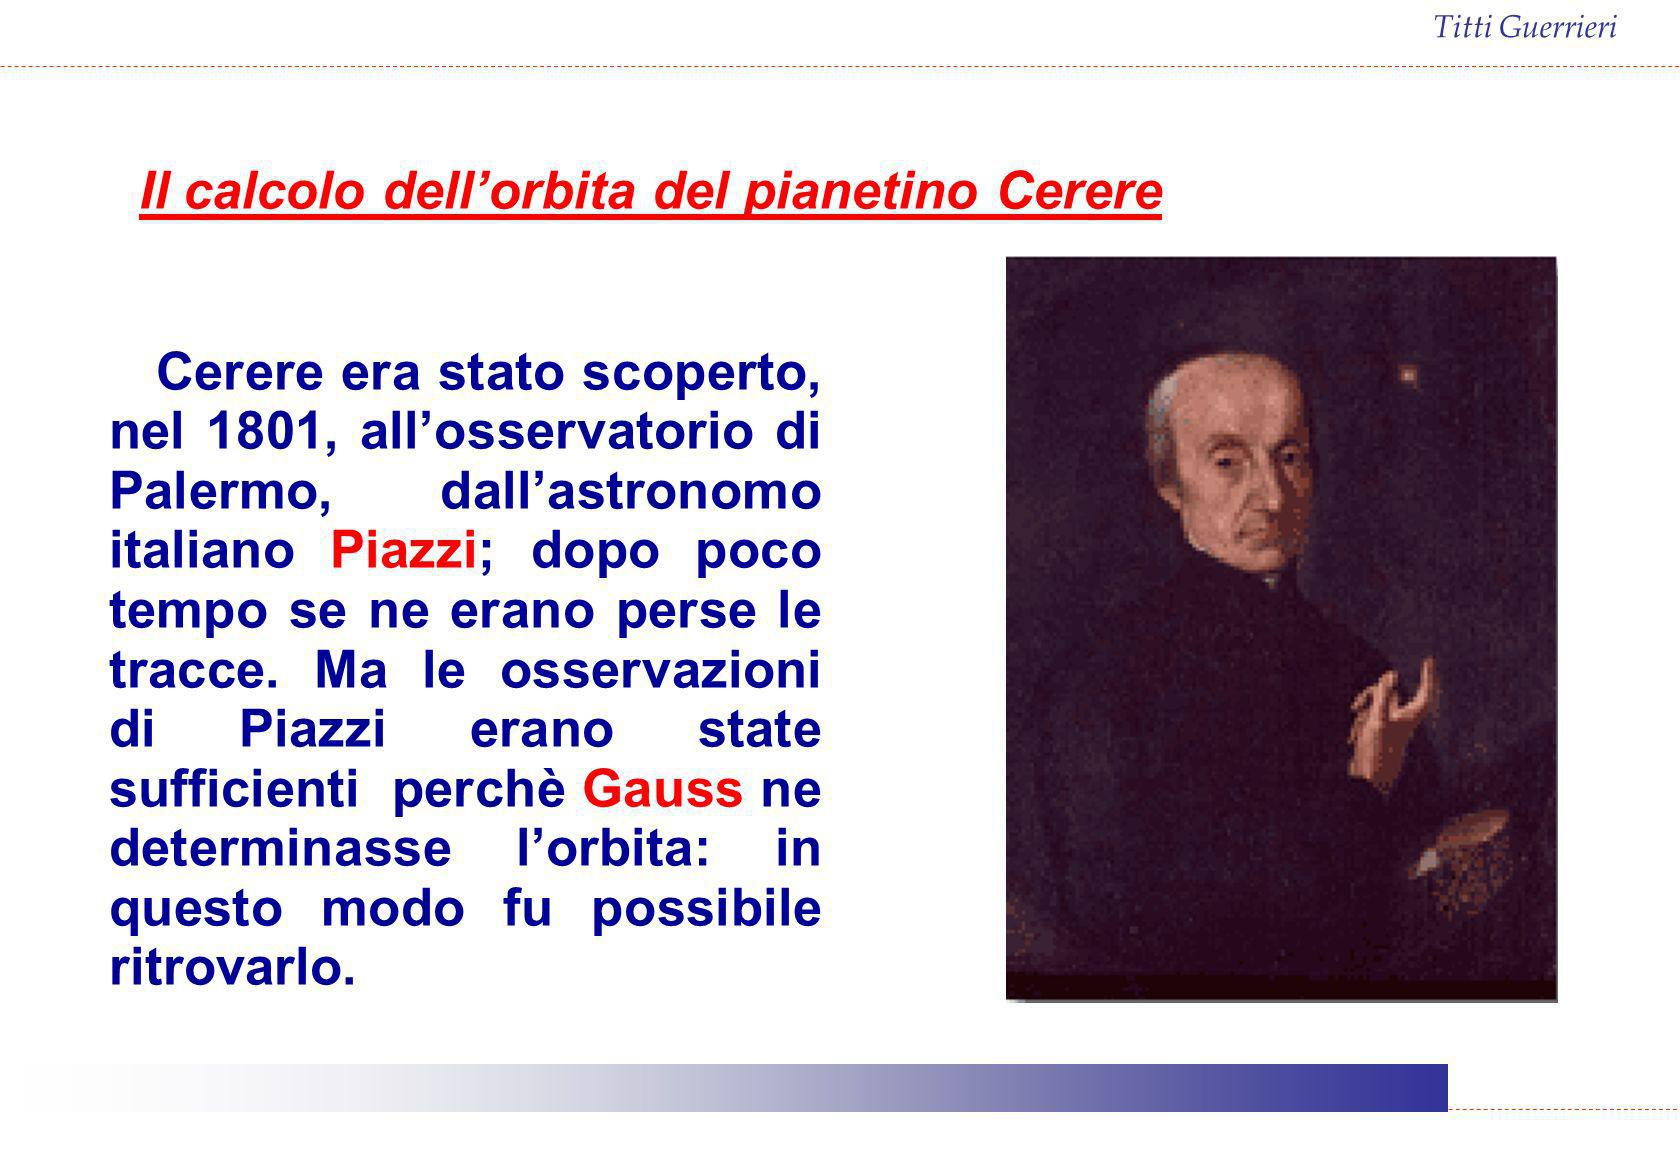 Il calcolo dell'orbita del pianetino Cerere